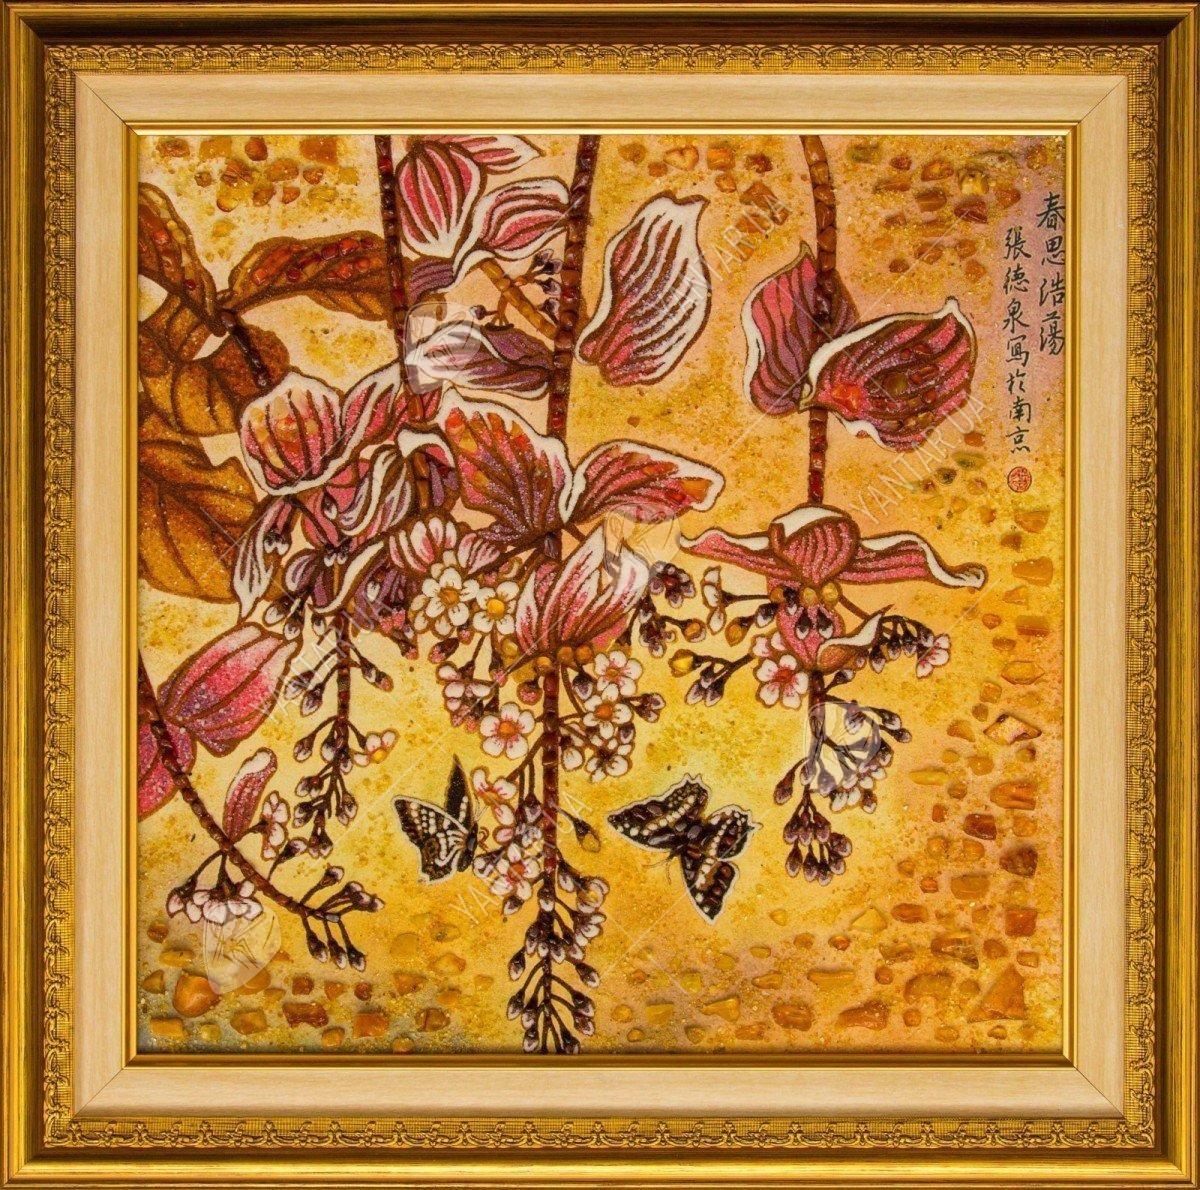 Китайський живопис  Квіти і птахи b2b8e24773c4b